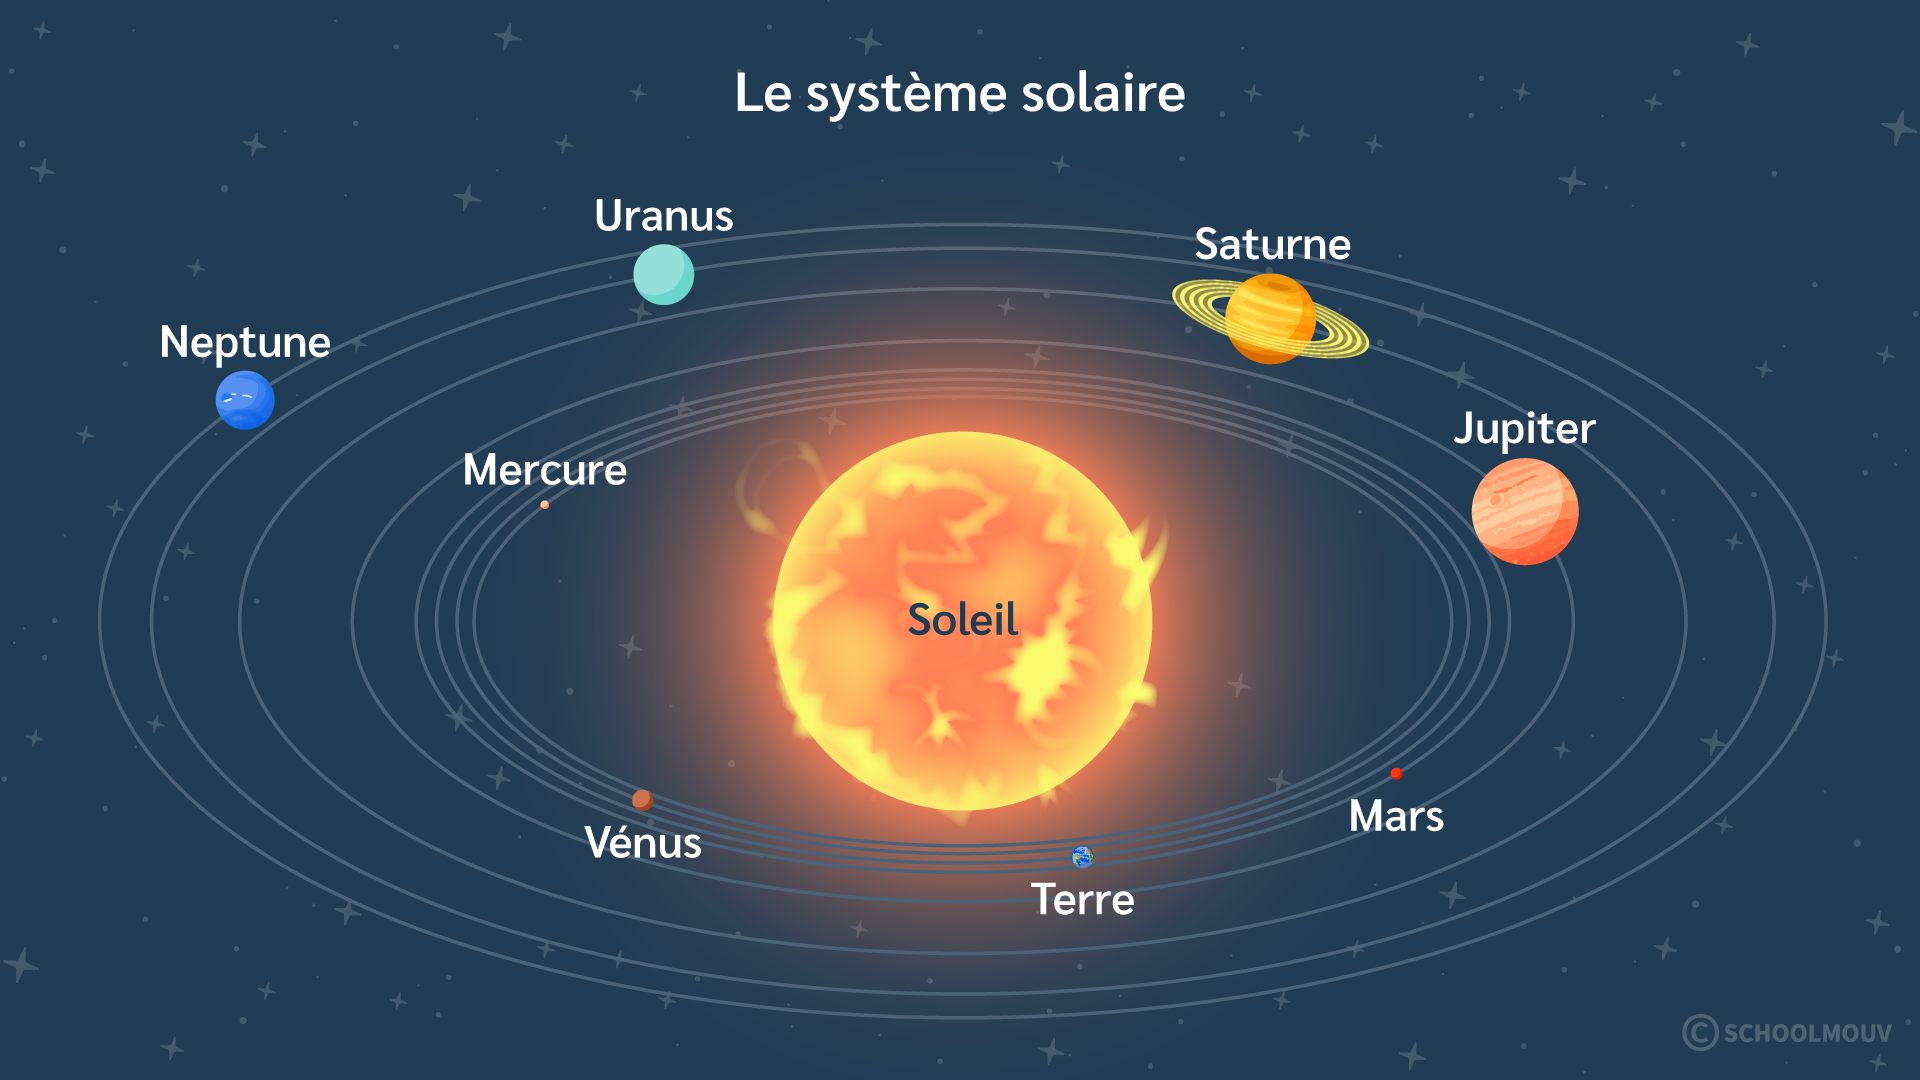 Primaire cm1 sciences technologies terre système solaire Soleil planètes